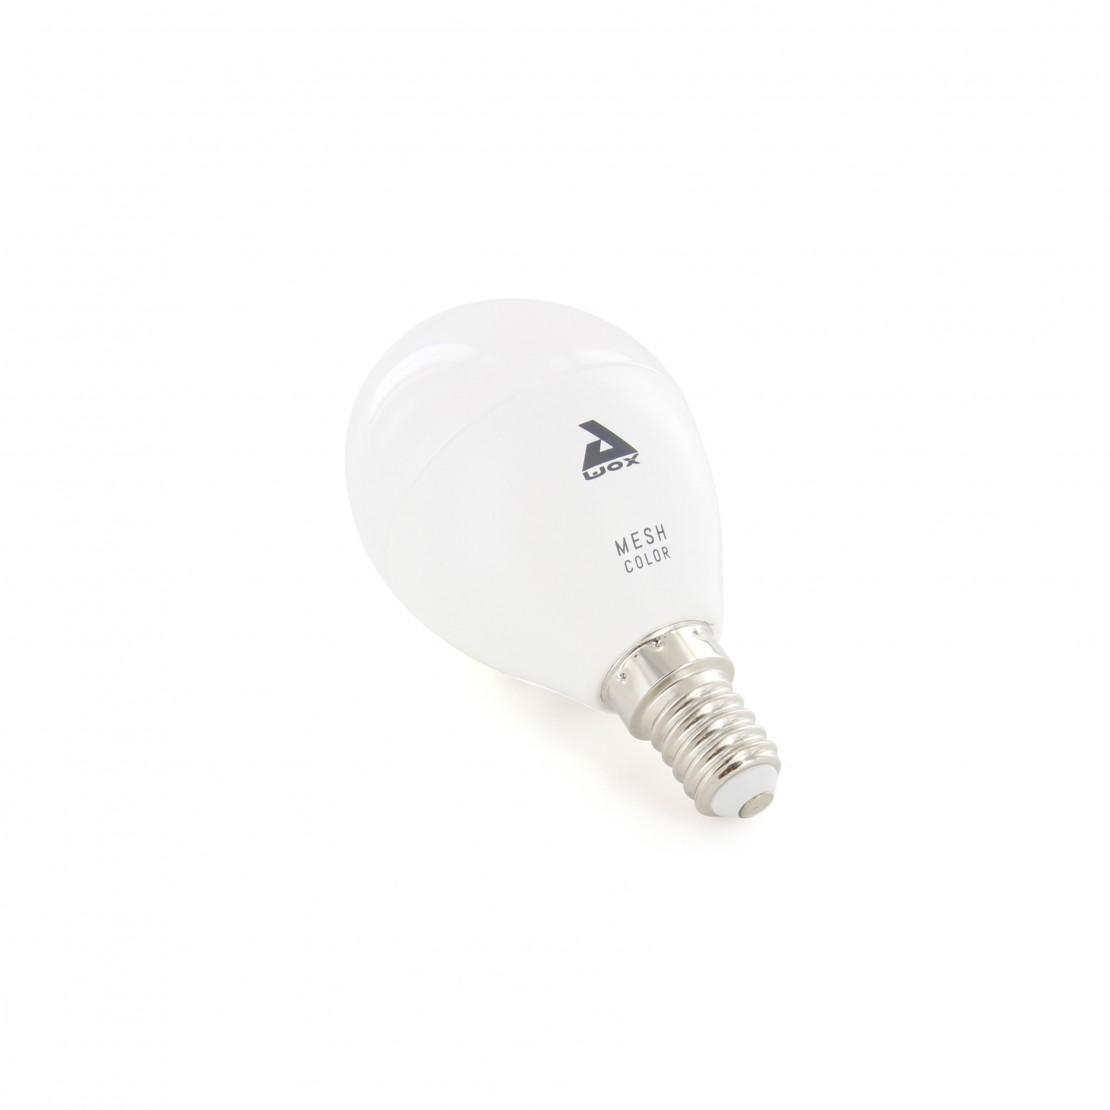 SmartLIGHT - E14 colour bulb Bluetooth Mesh